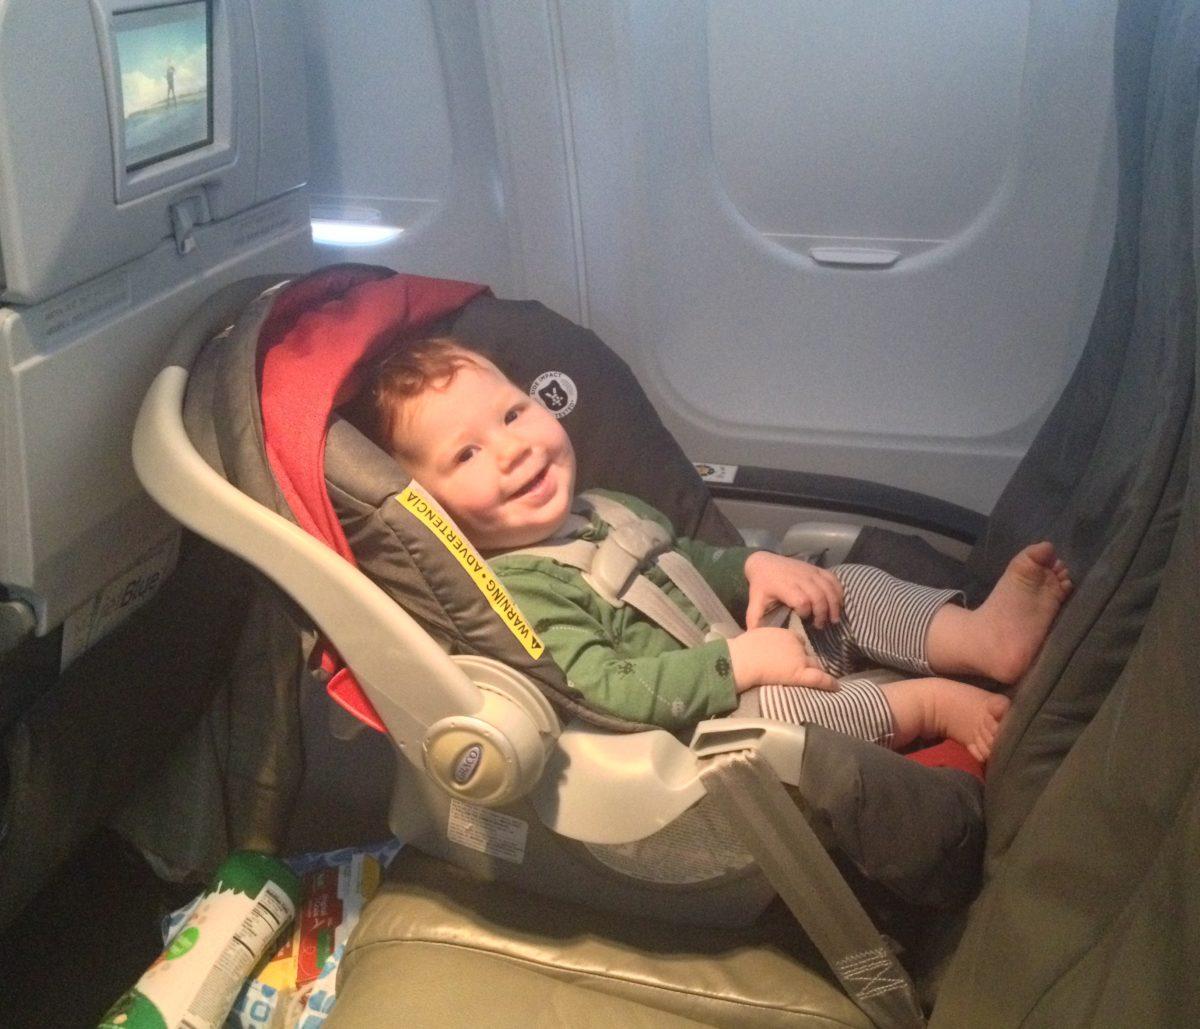 REISS AUS family Fliegen mit Kleinkind: Eigener Sitzplatz ...